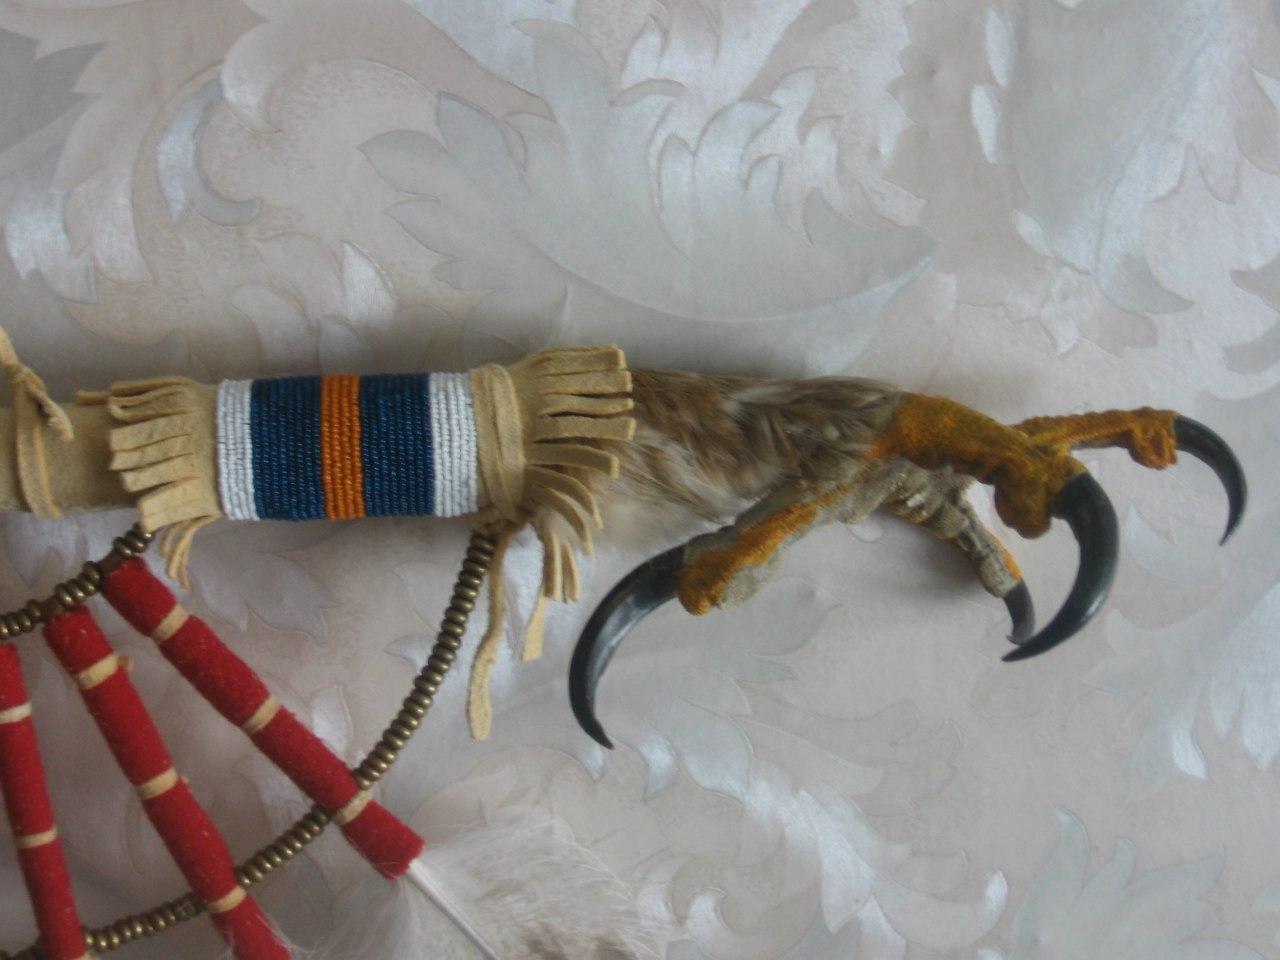 Продается жезл с лапой беркута - танцевальная ргалия для Северного традиционного (old style) 3PyBGPh6A40